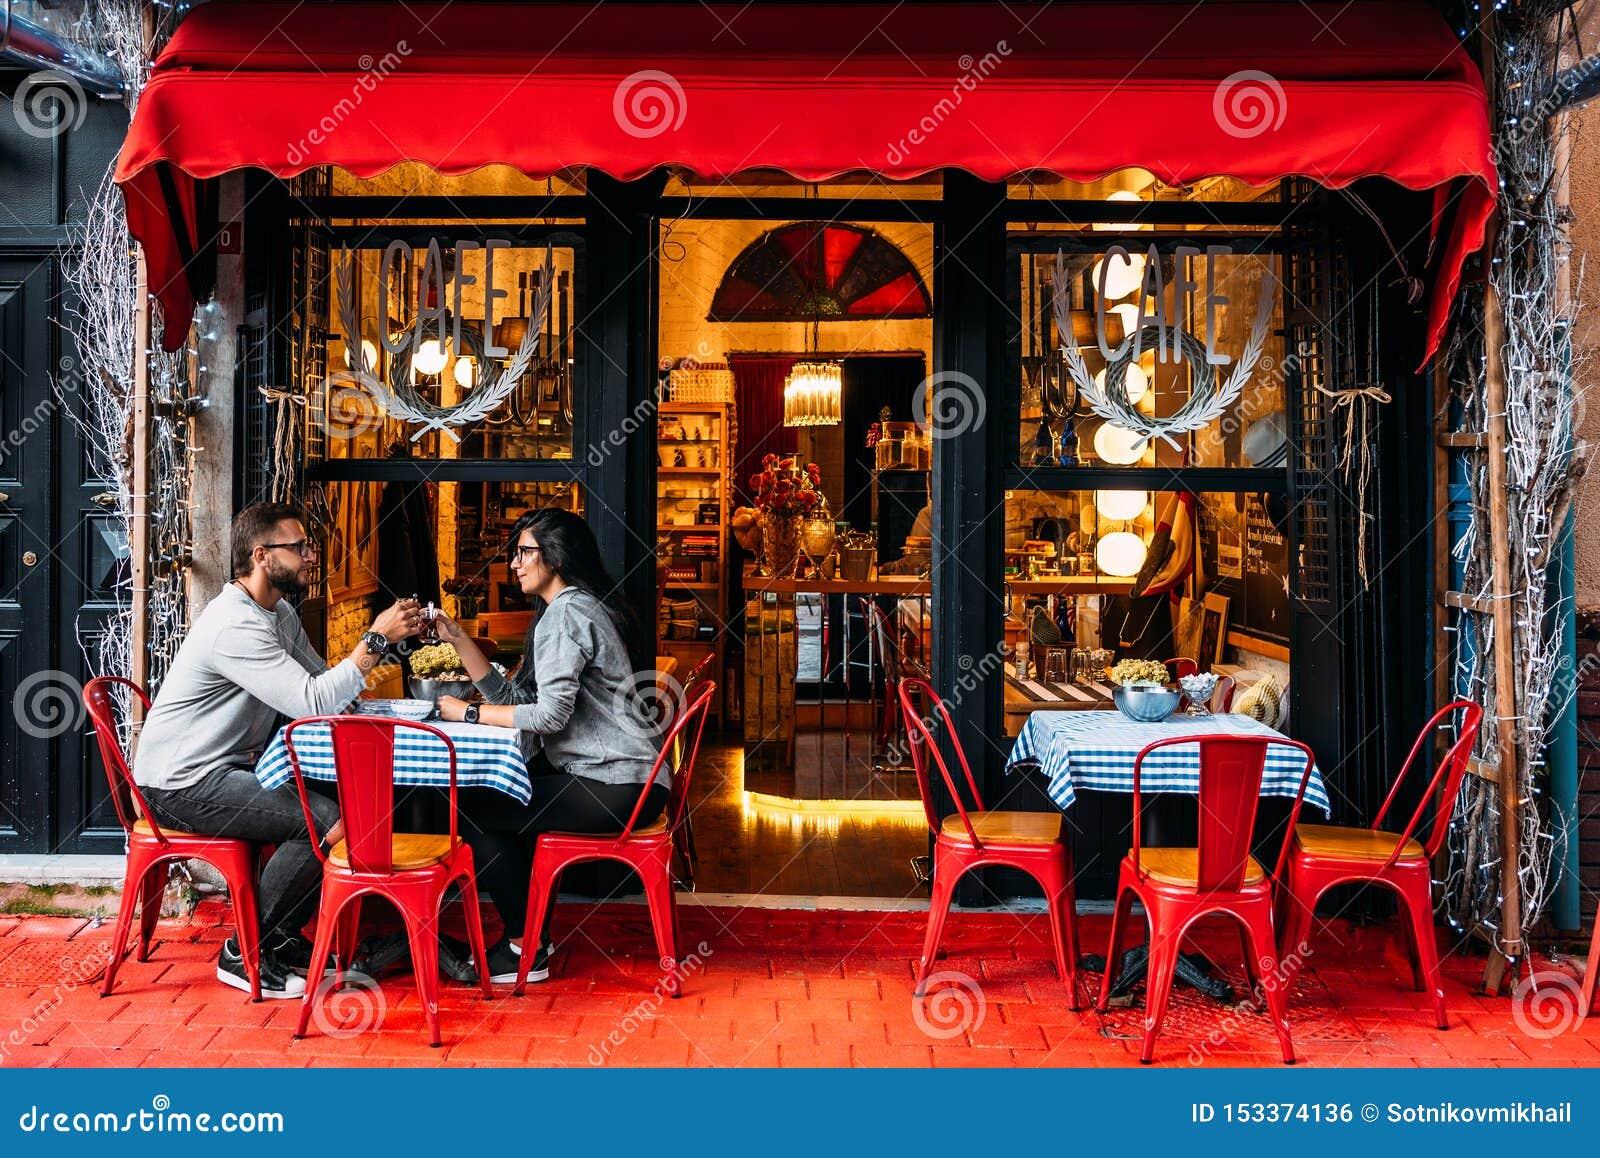 Szczęśliwa para pije herbaty w ulicznej kawiarni Para w mi?o?ci w kawiarni Mężczyzna i kobieta pije herbaty w kawiarni Pary obsia